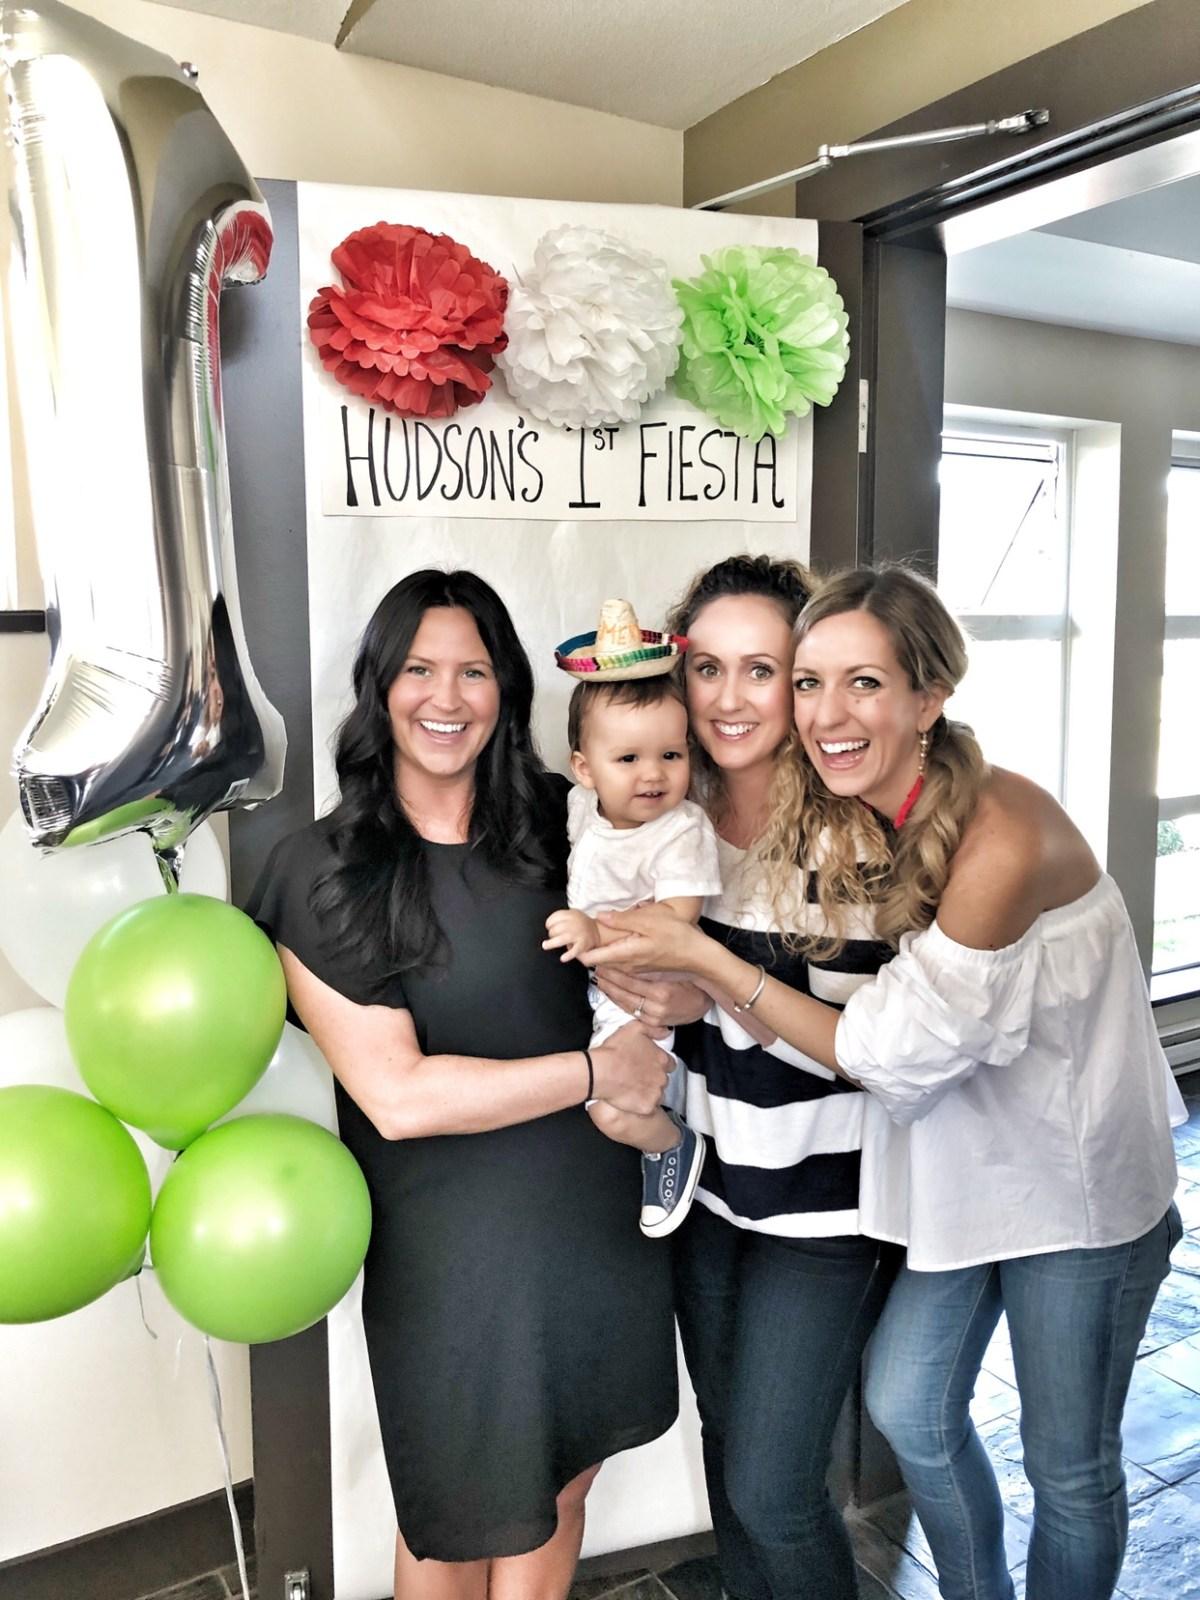 first fiesta - baby Hudson's first birthday